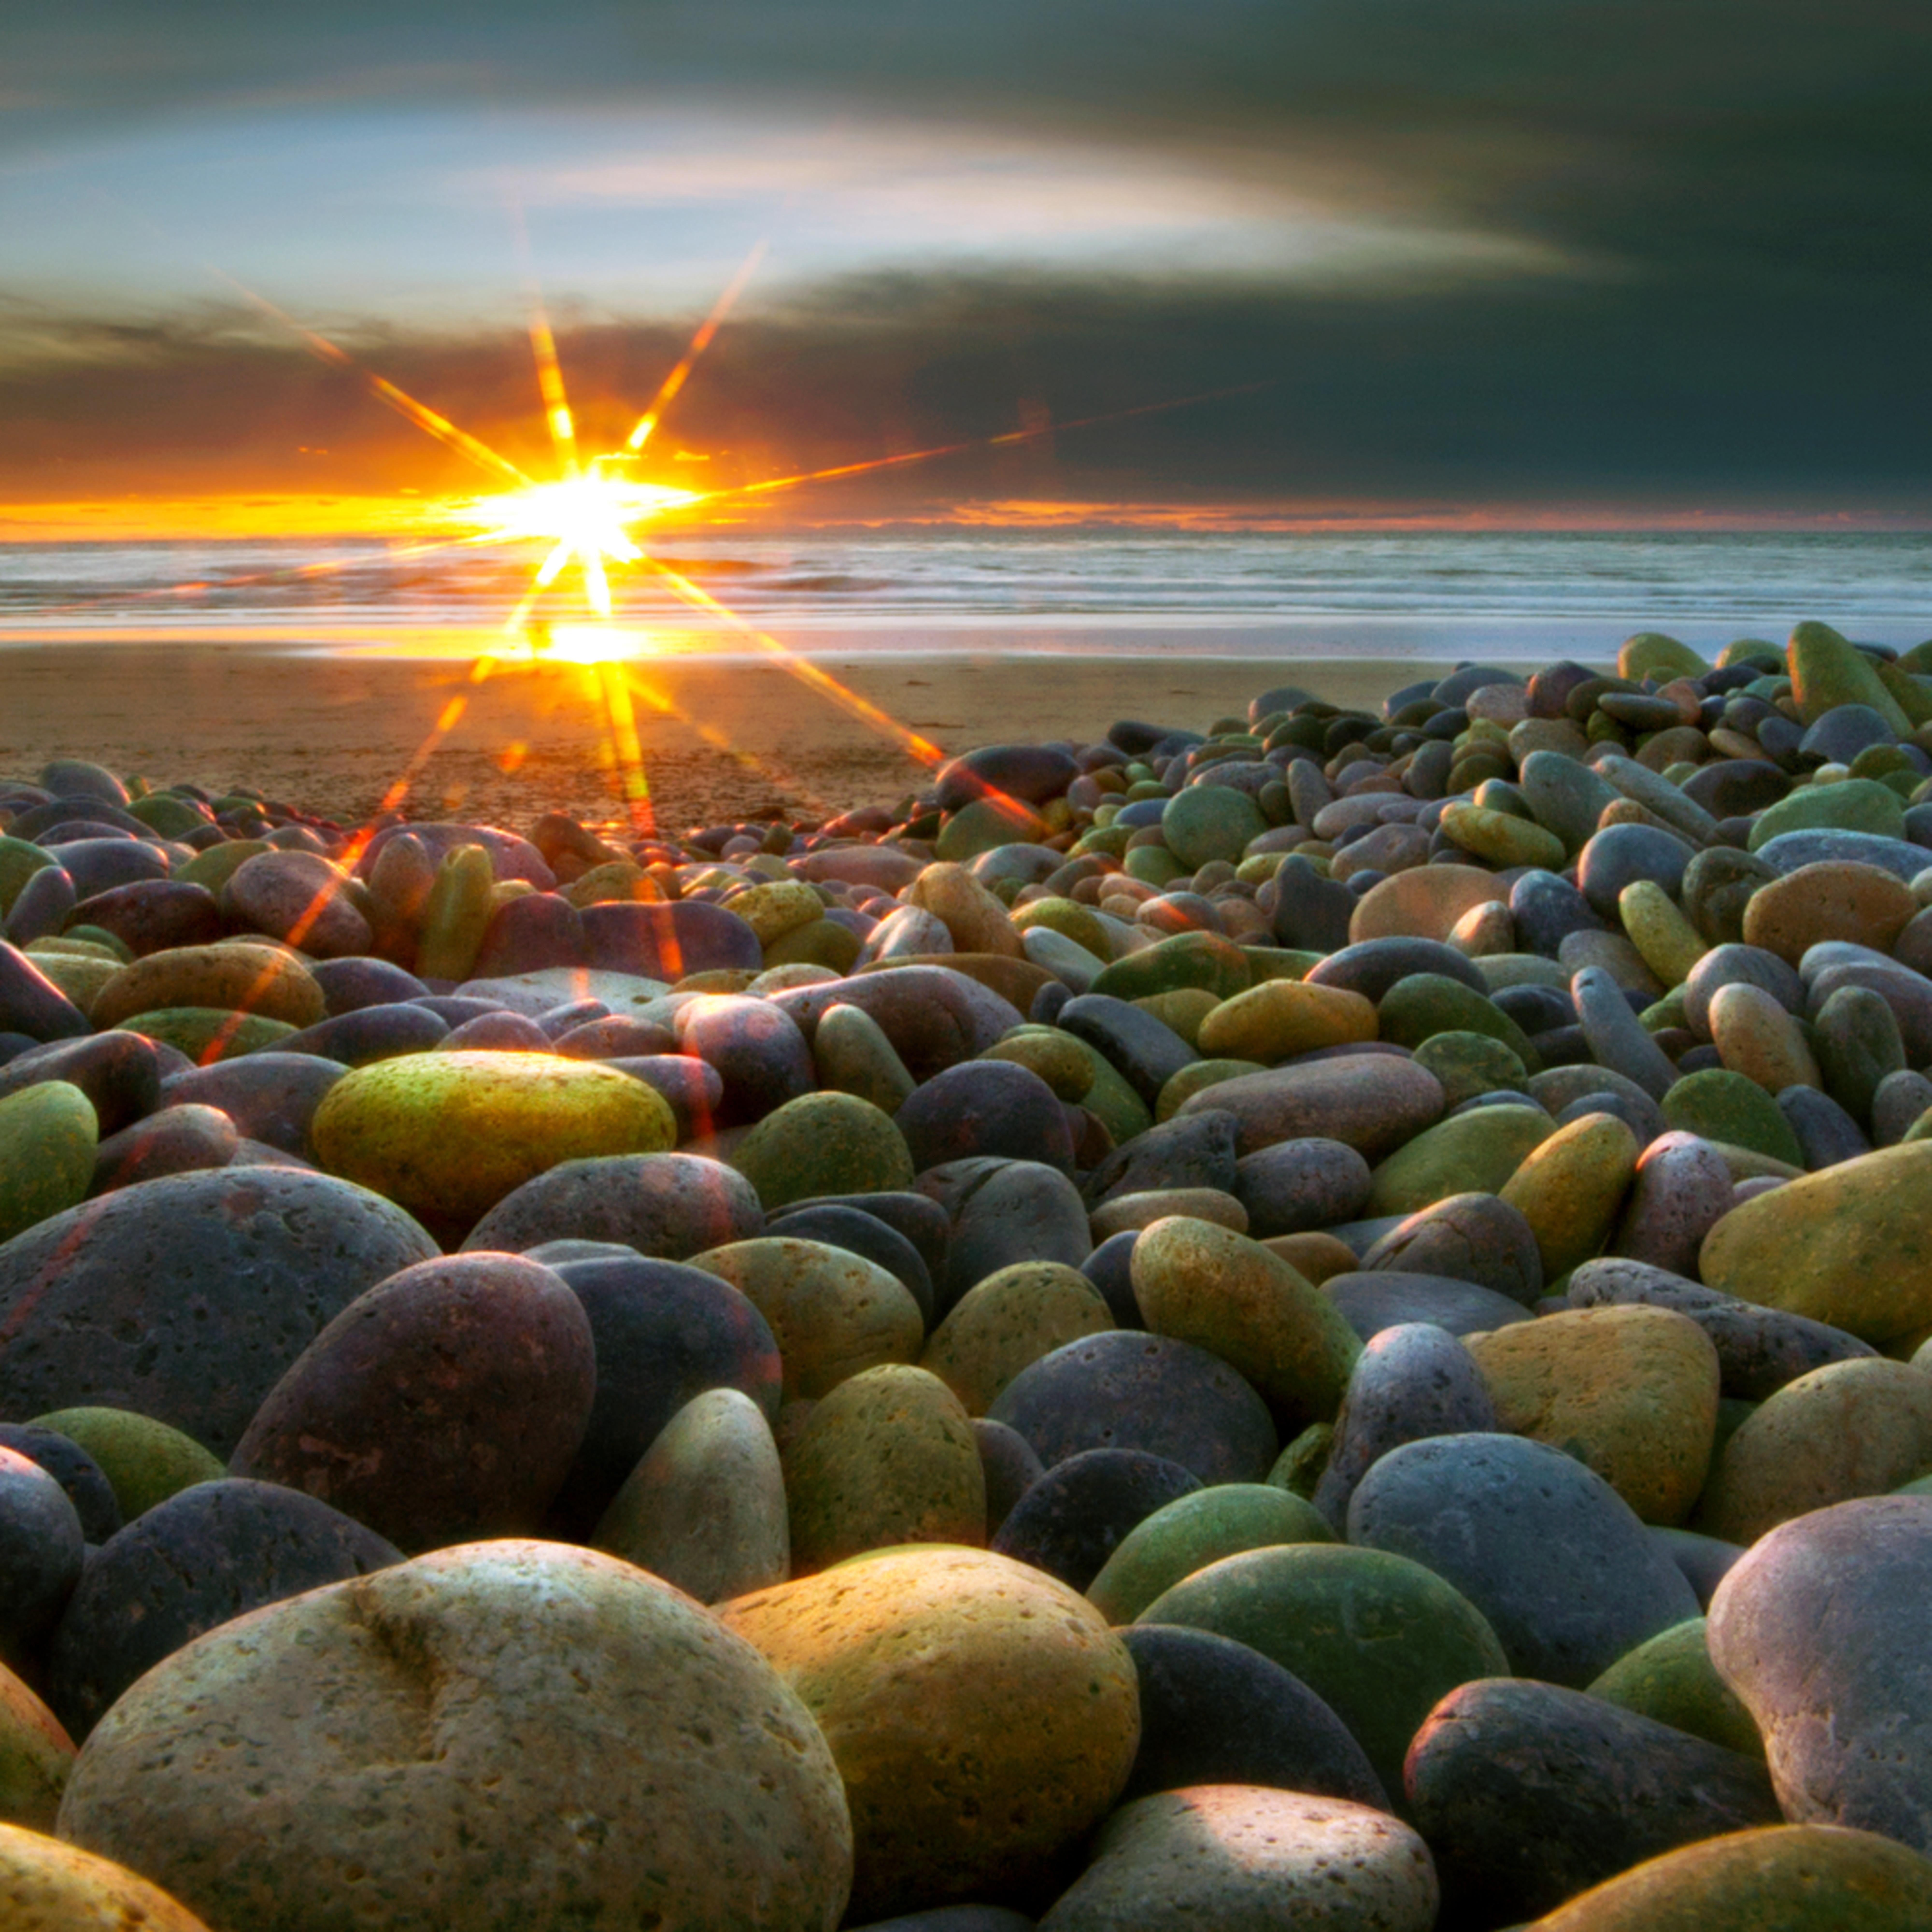 A stones throw 2013 no signature rojjjr